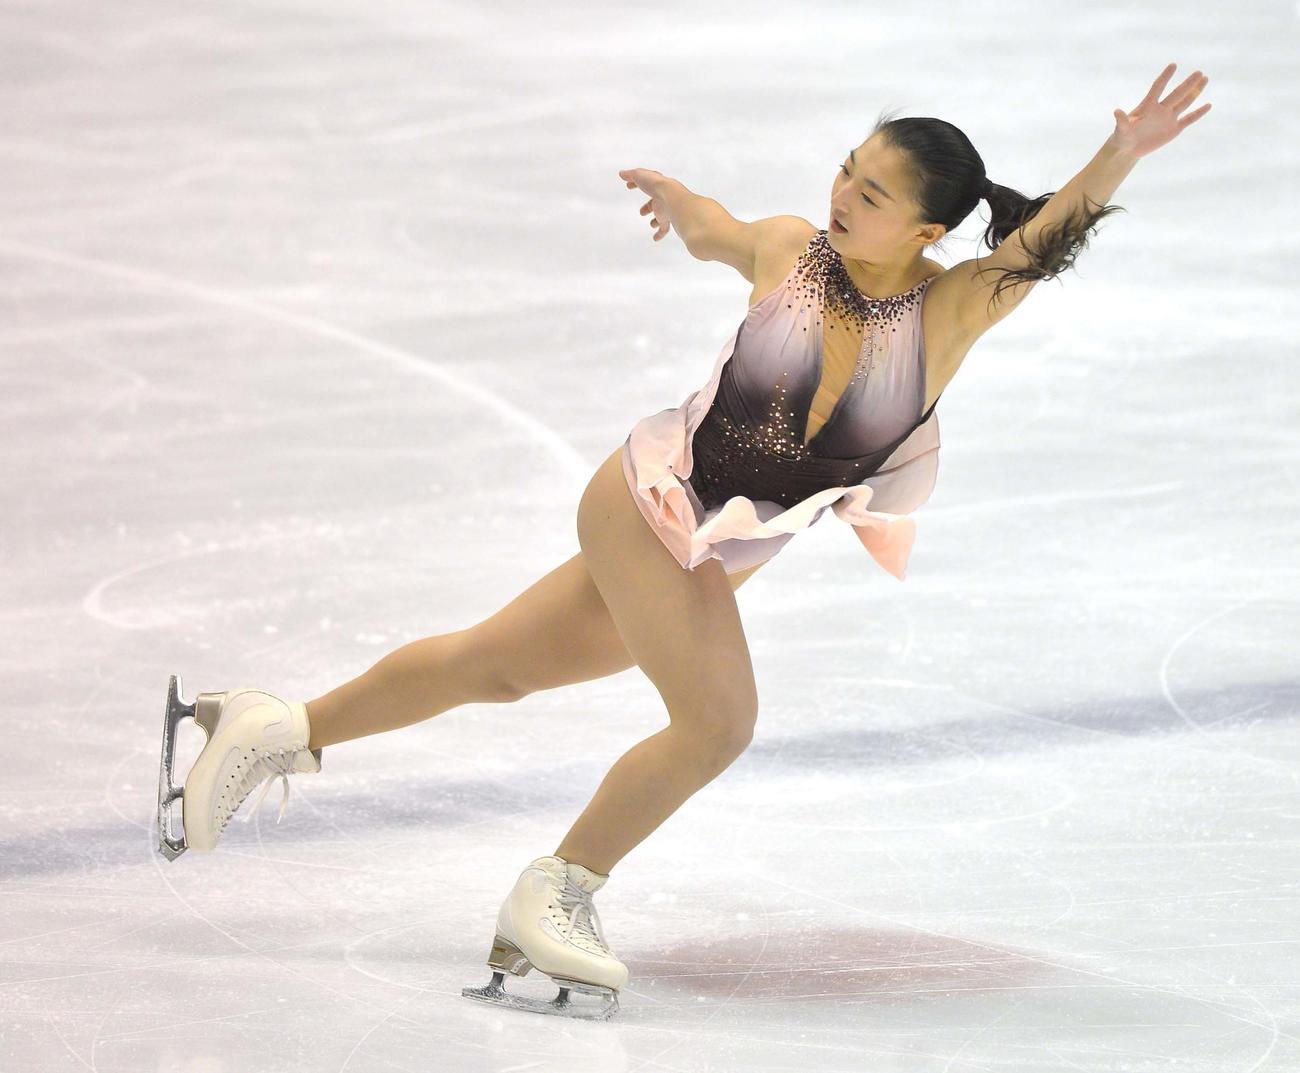 「愛知国体フィギュア成年女子SP」で演技をする坂本花織(代表撮影)